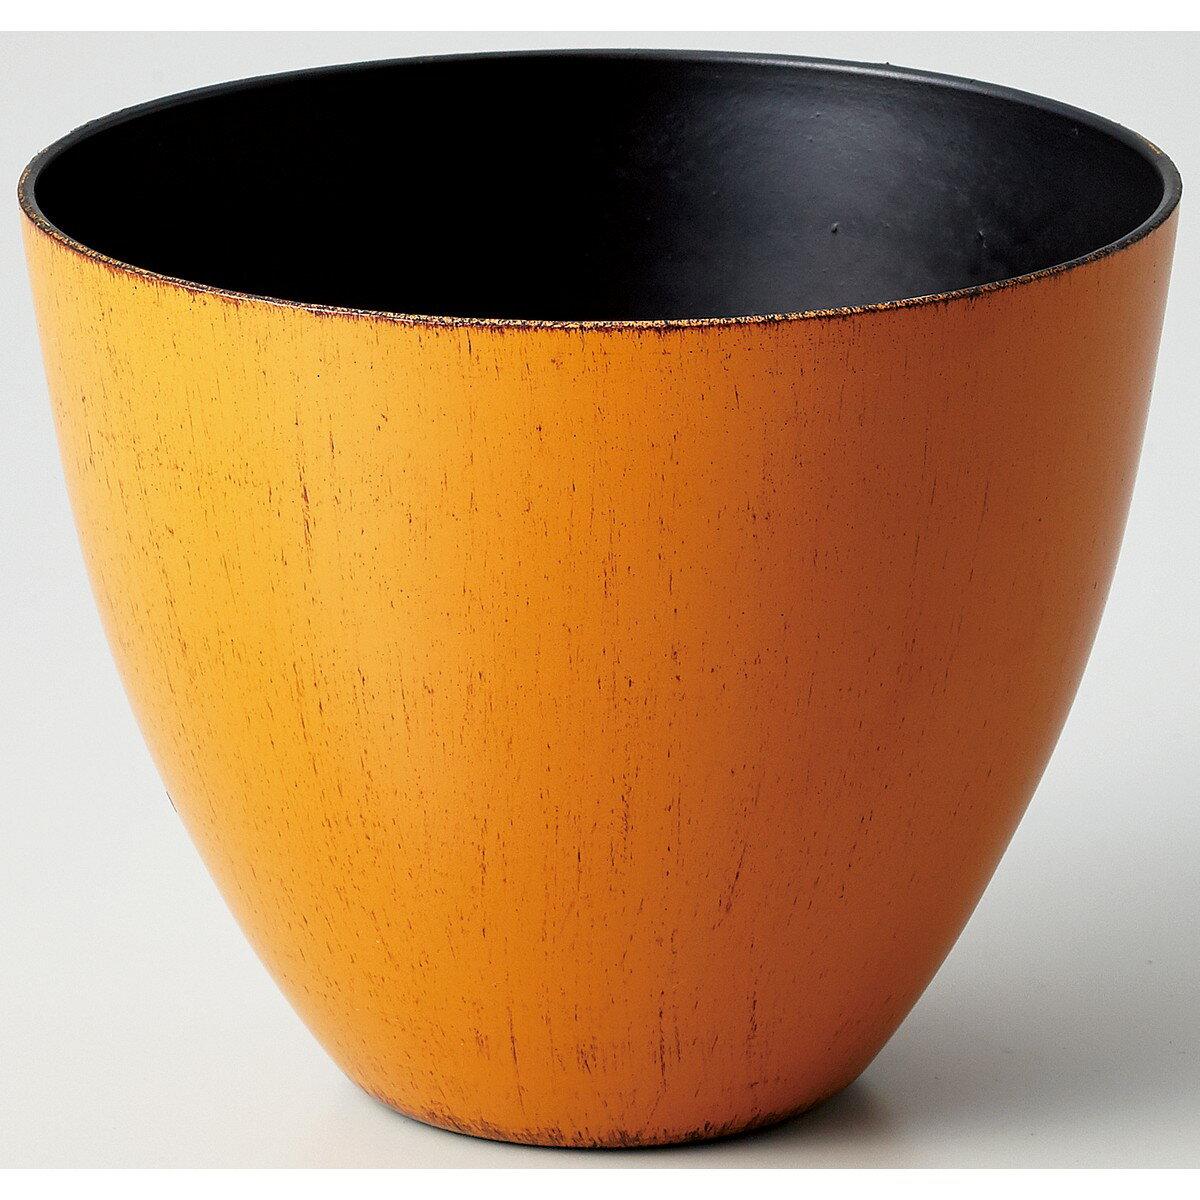 WABIポットM MOI−63 MOI−633 イブシヤマブキ/134-633-5【01】【取寄】《 花器、リース 花器・花瓶 プラスチック・アクリル花器 》